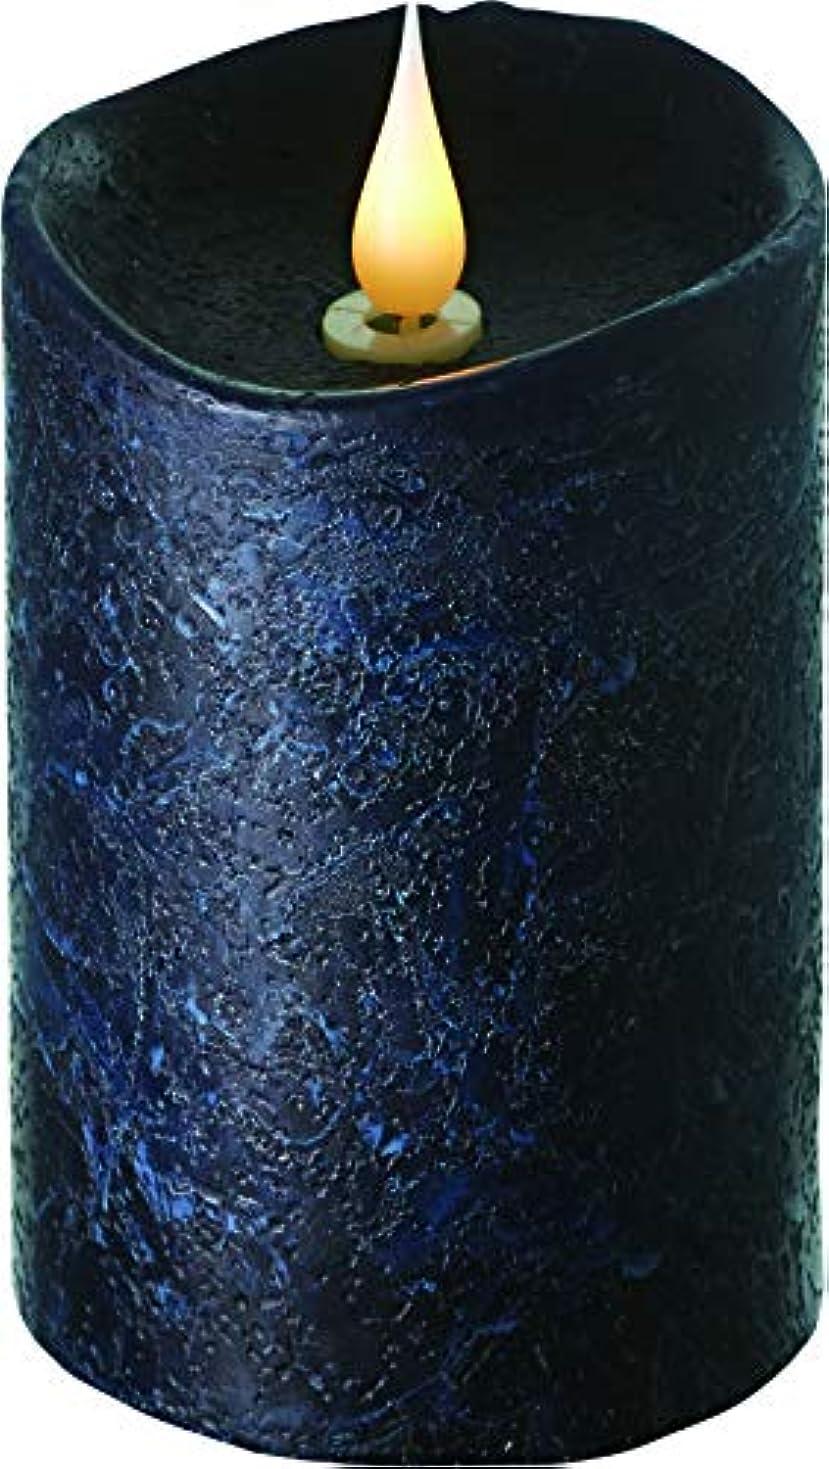 累計検出器減衰エンキンドル 3D LEDキャンドル ラスティクピラー 直径7.6cm×高さ13.5cm ブラック